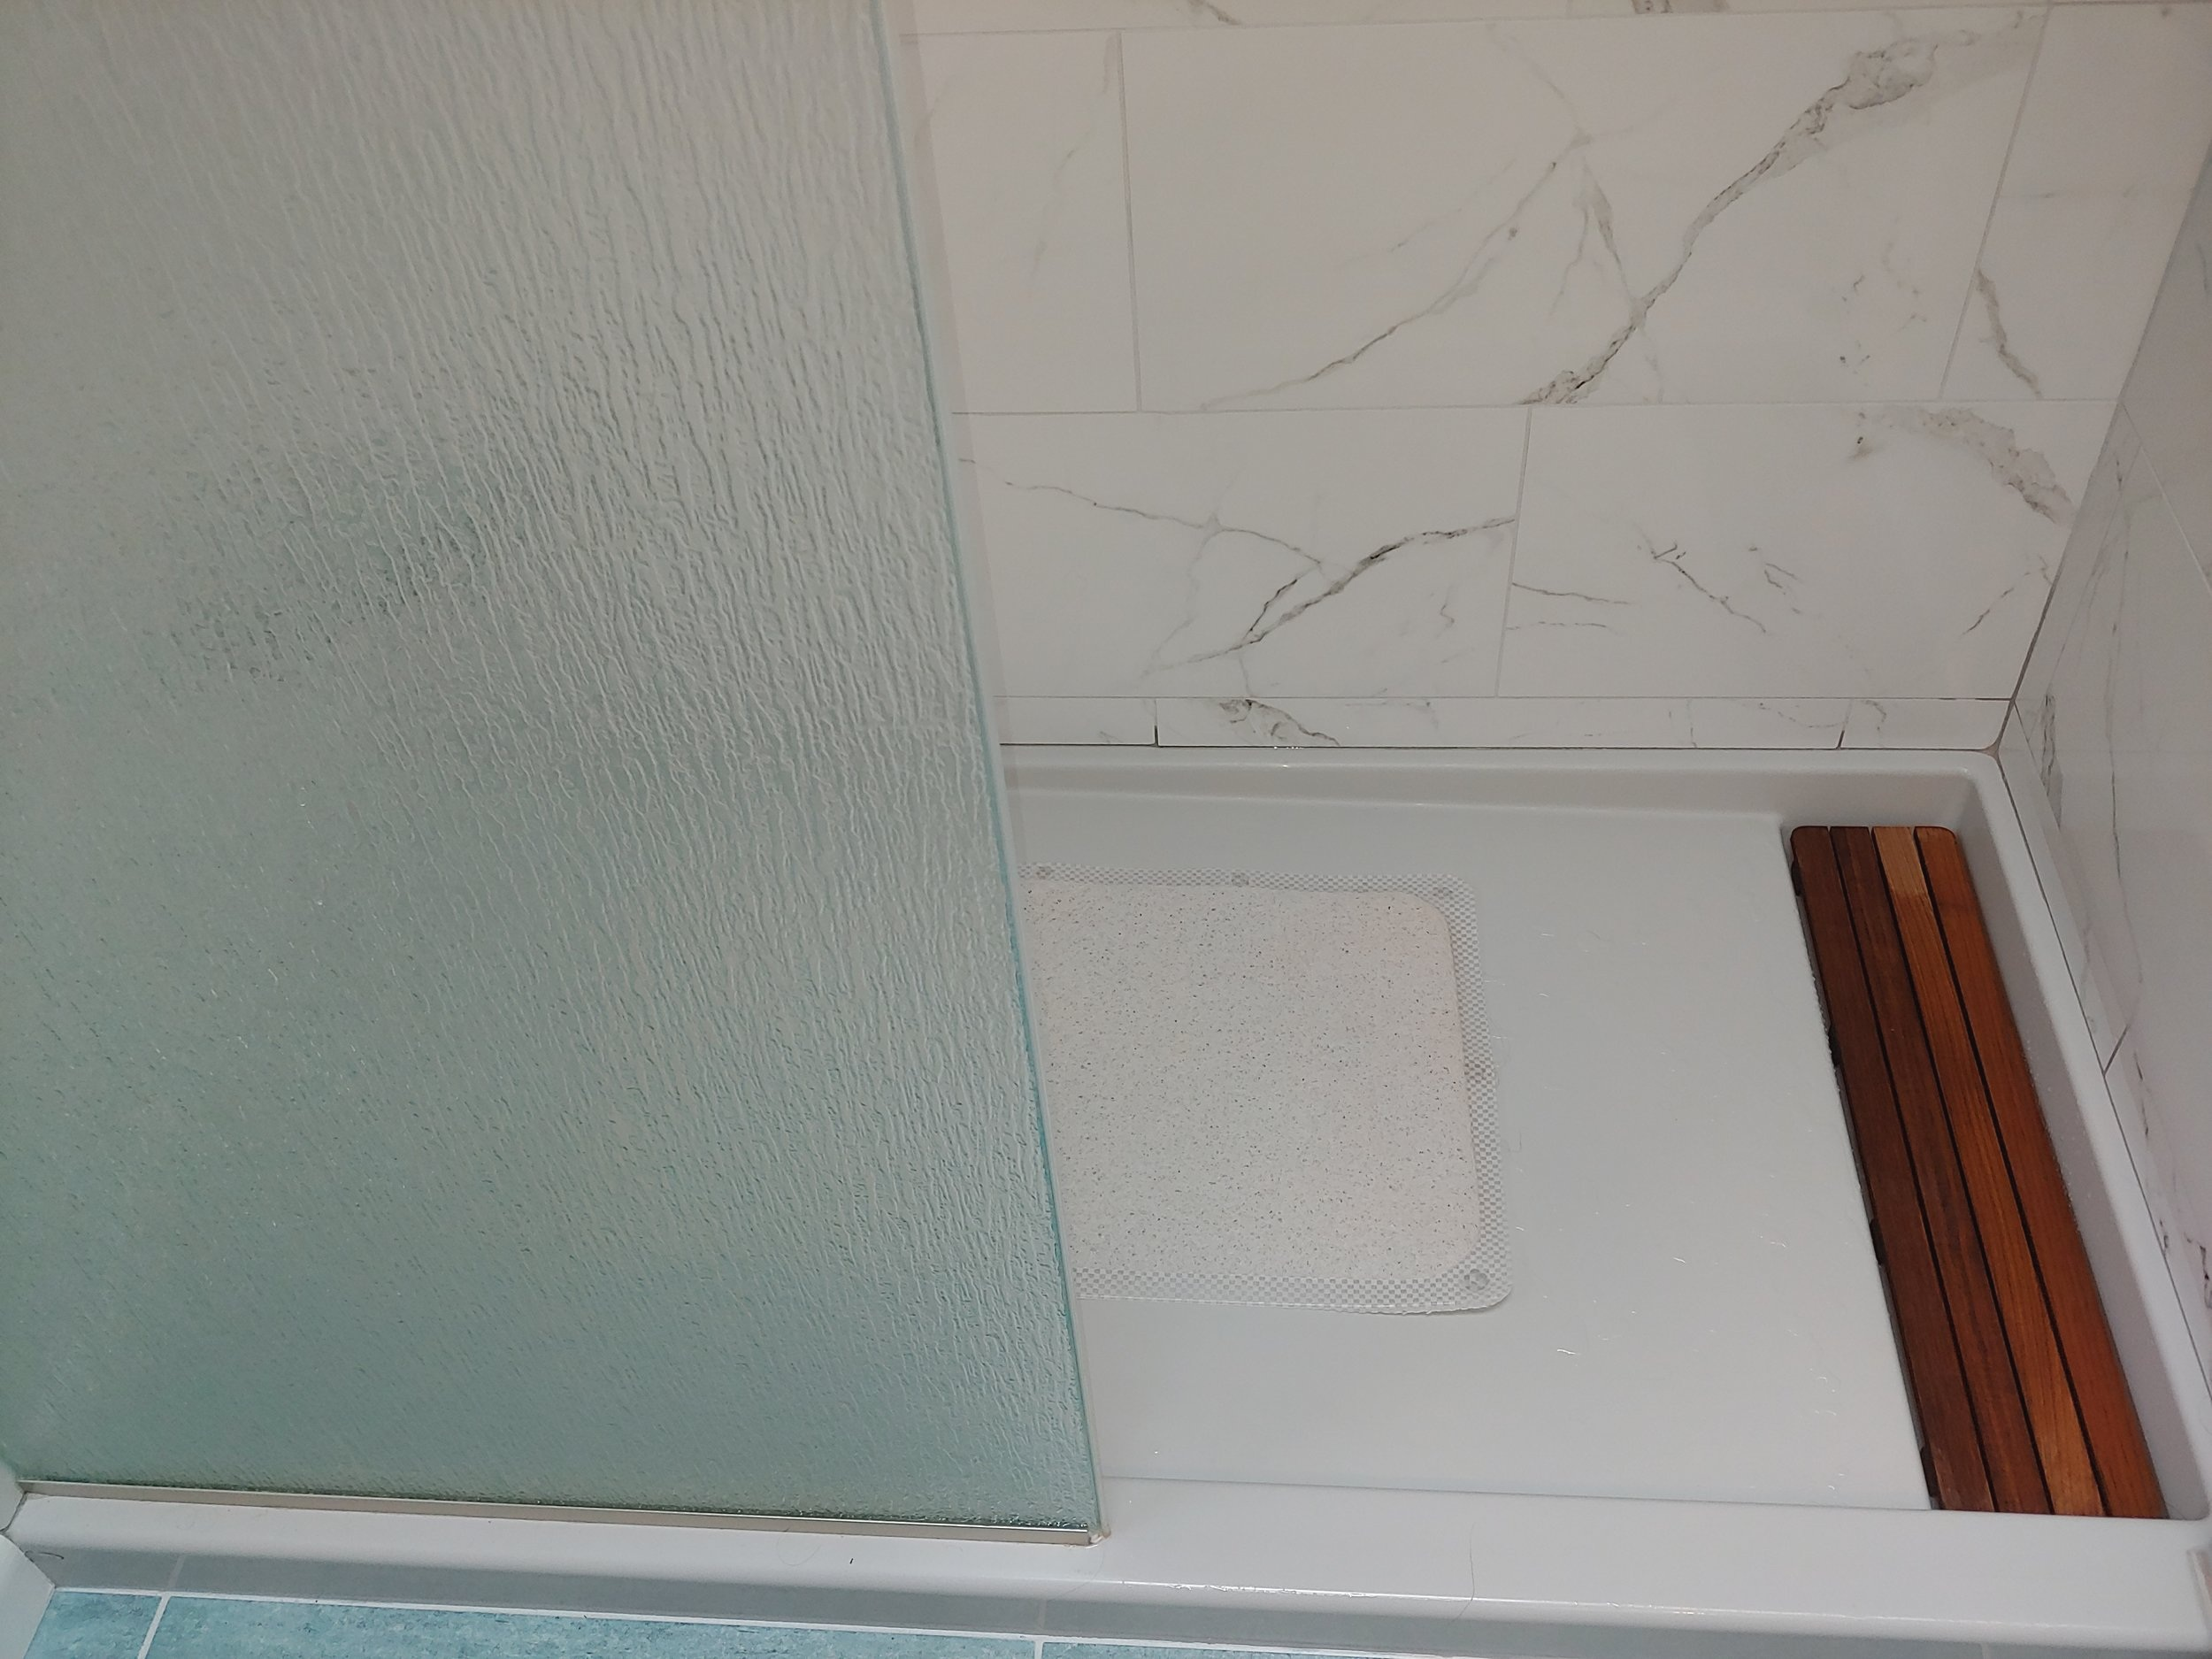 Shower flooring AFTER